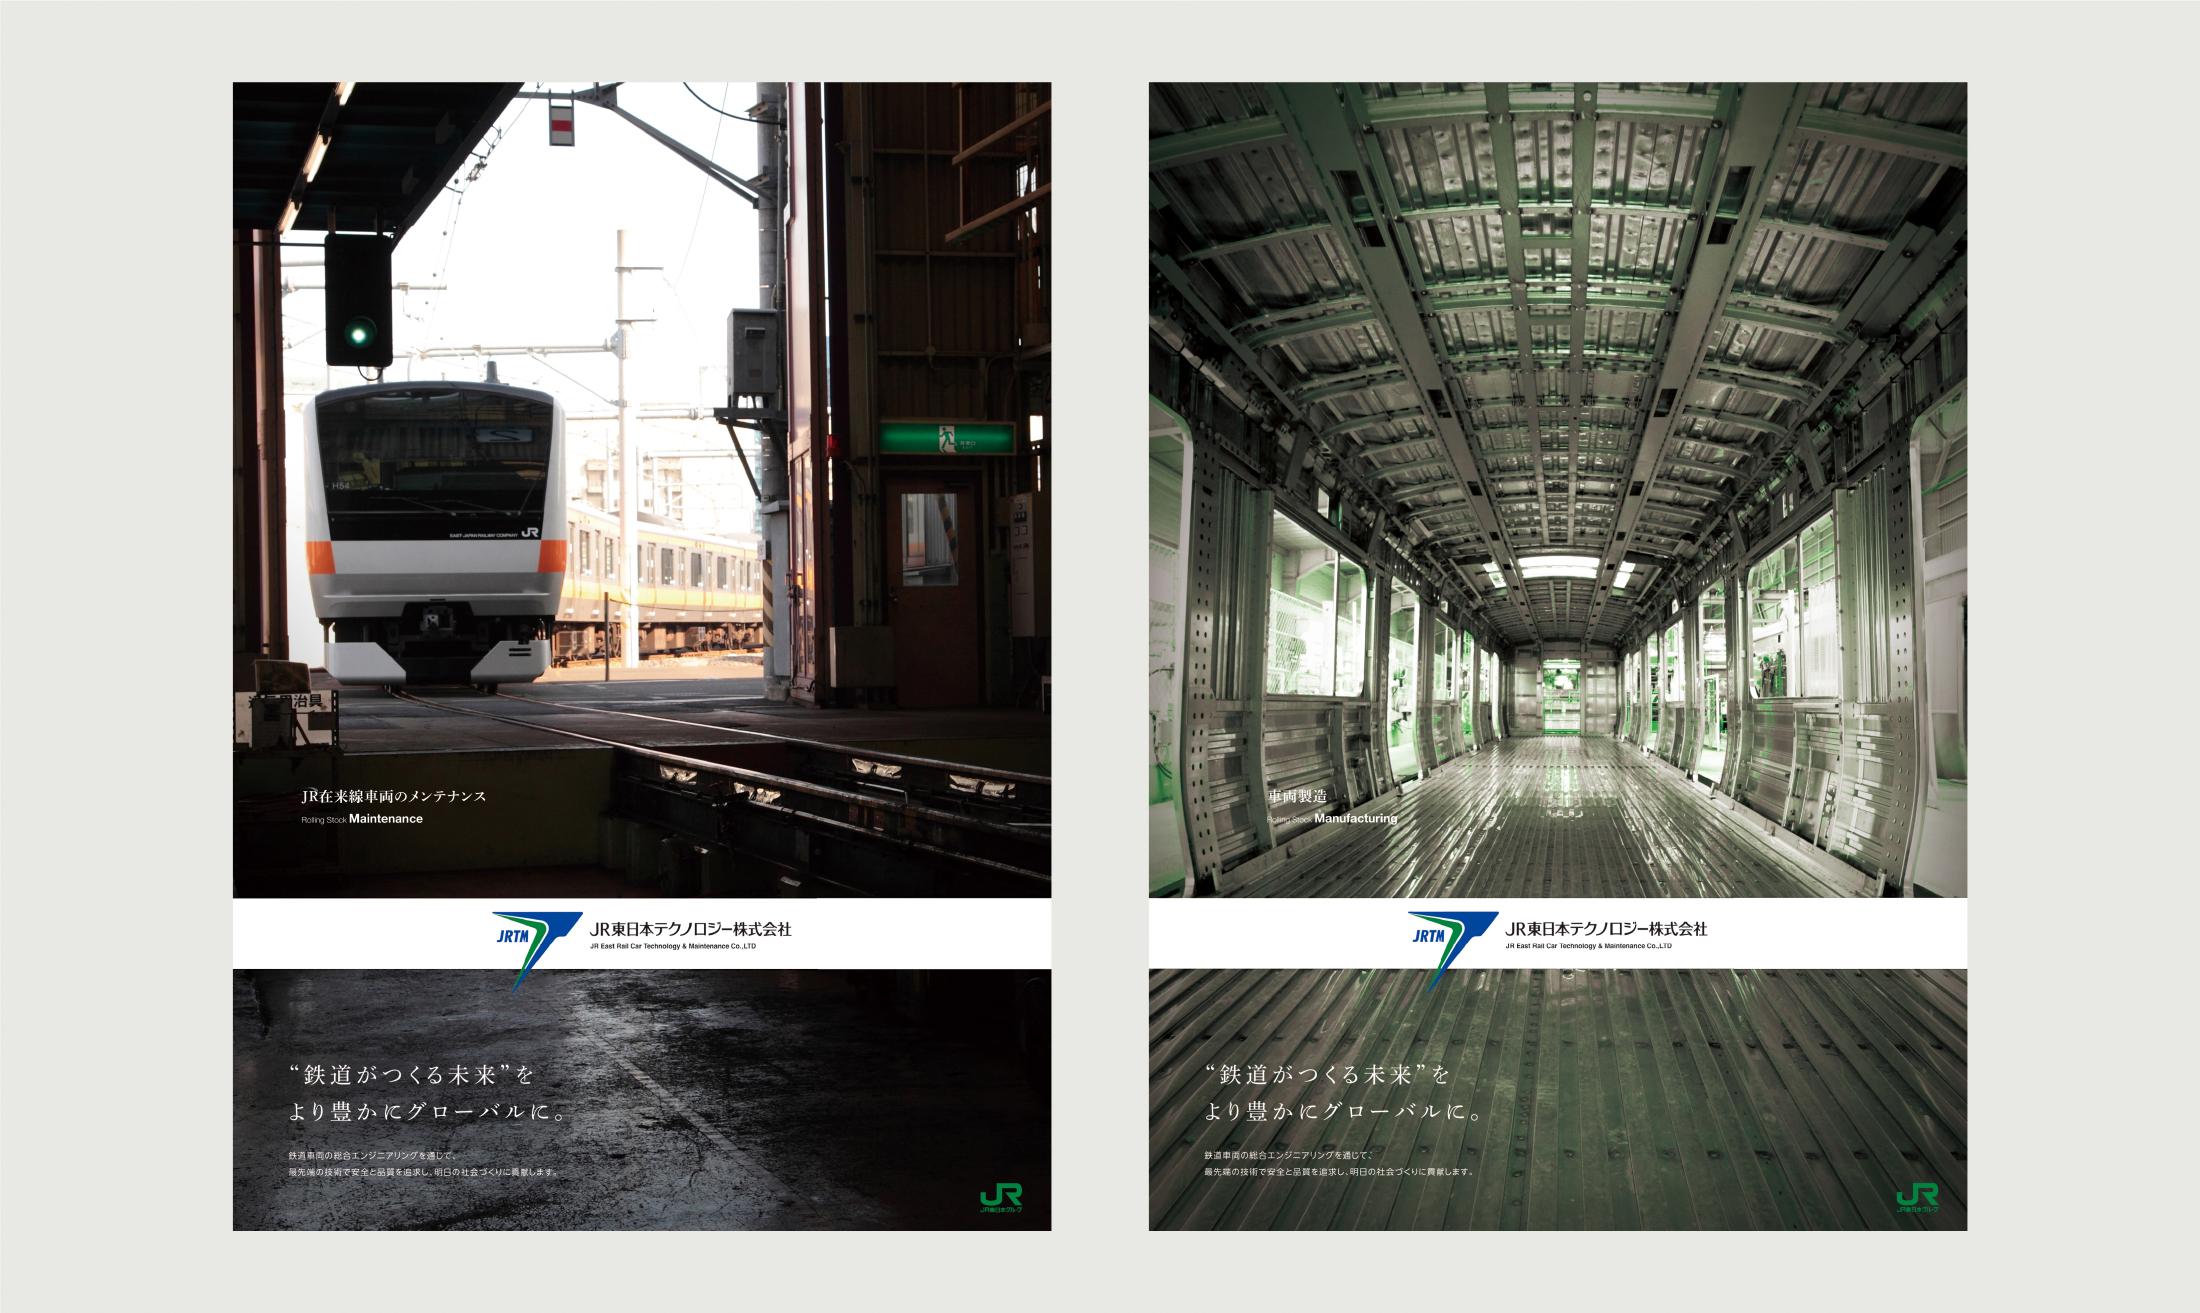 JR東日本テクノロジー株式会社